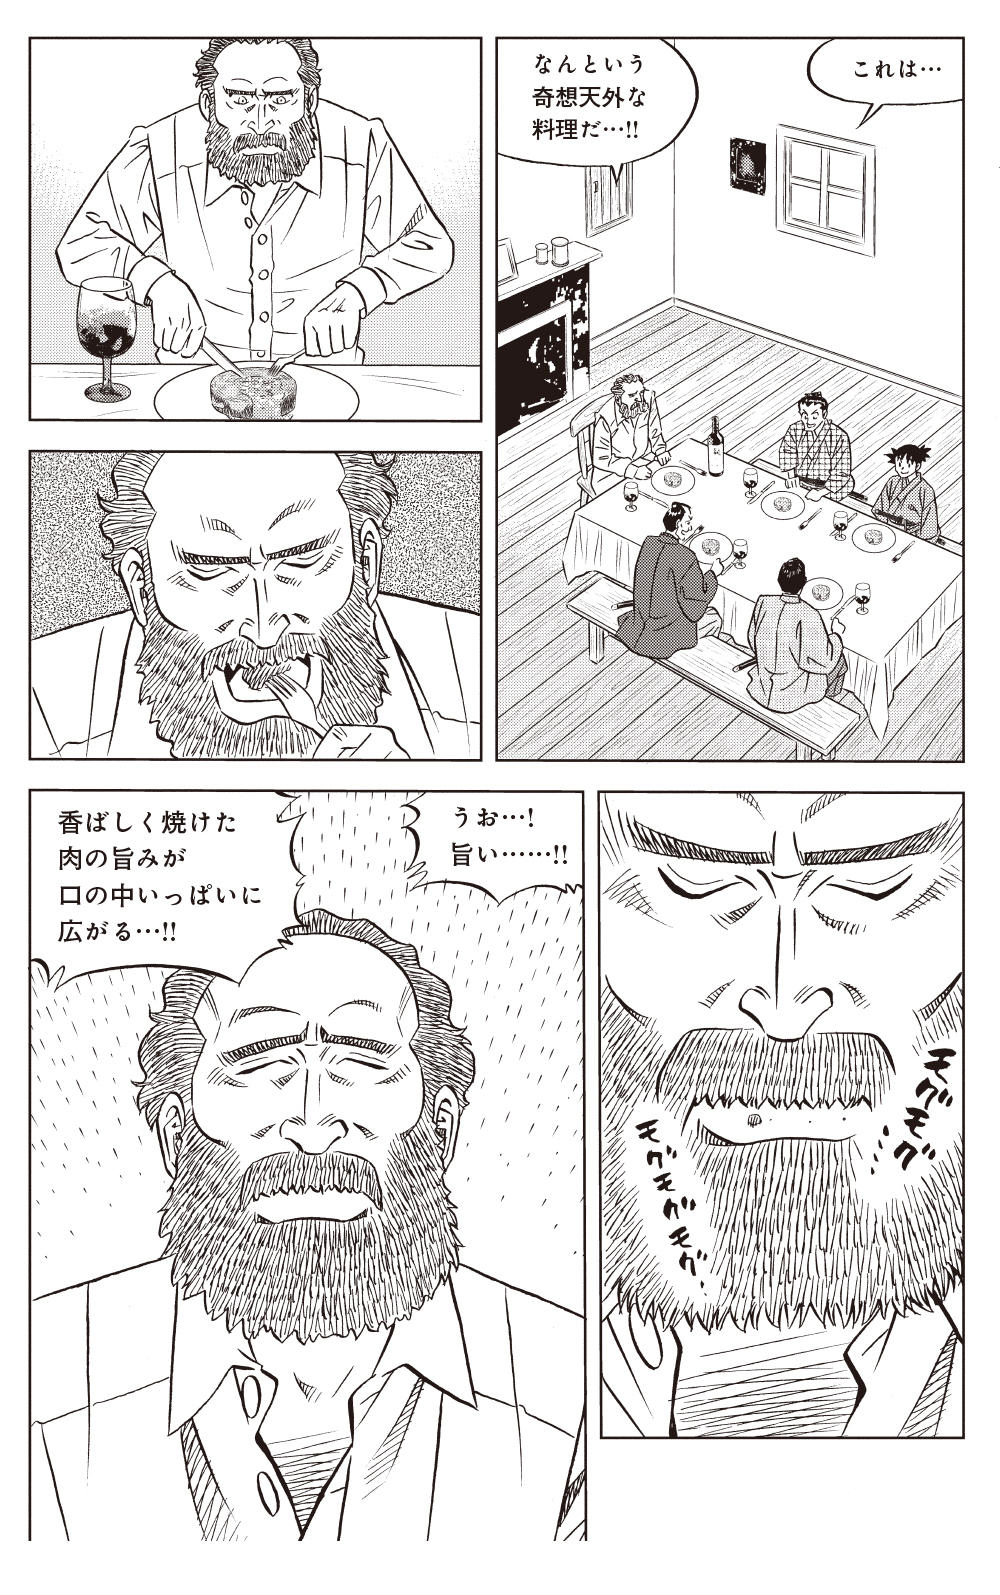 ミスター味っ子 幕末編 第3話「黄金大陸」②ajikko02-102.jpg